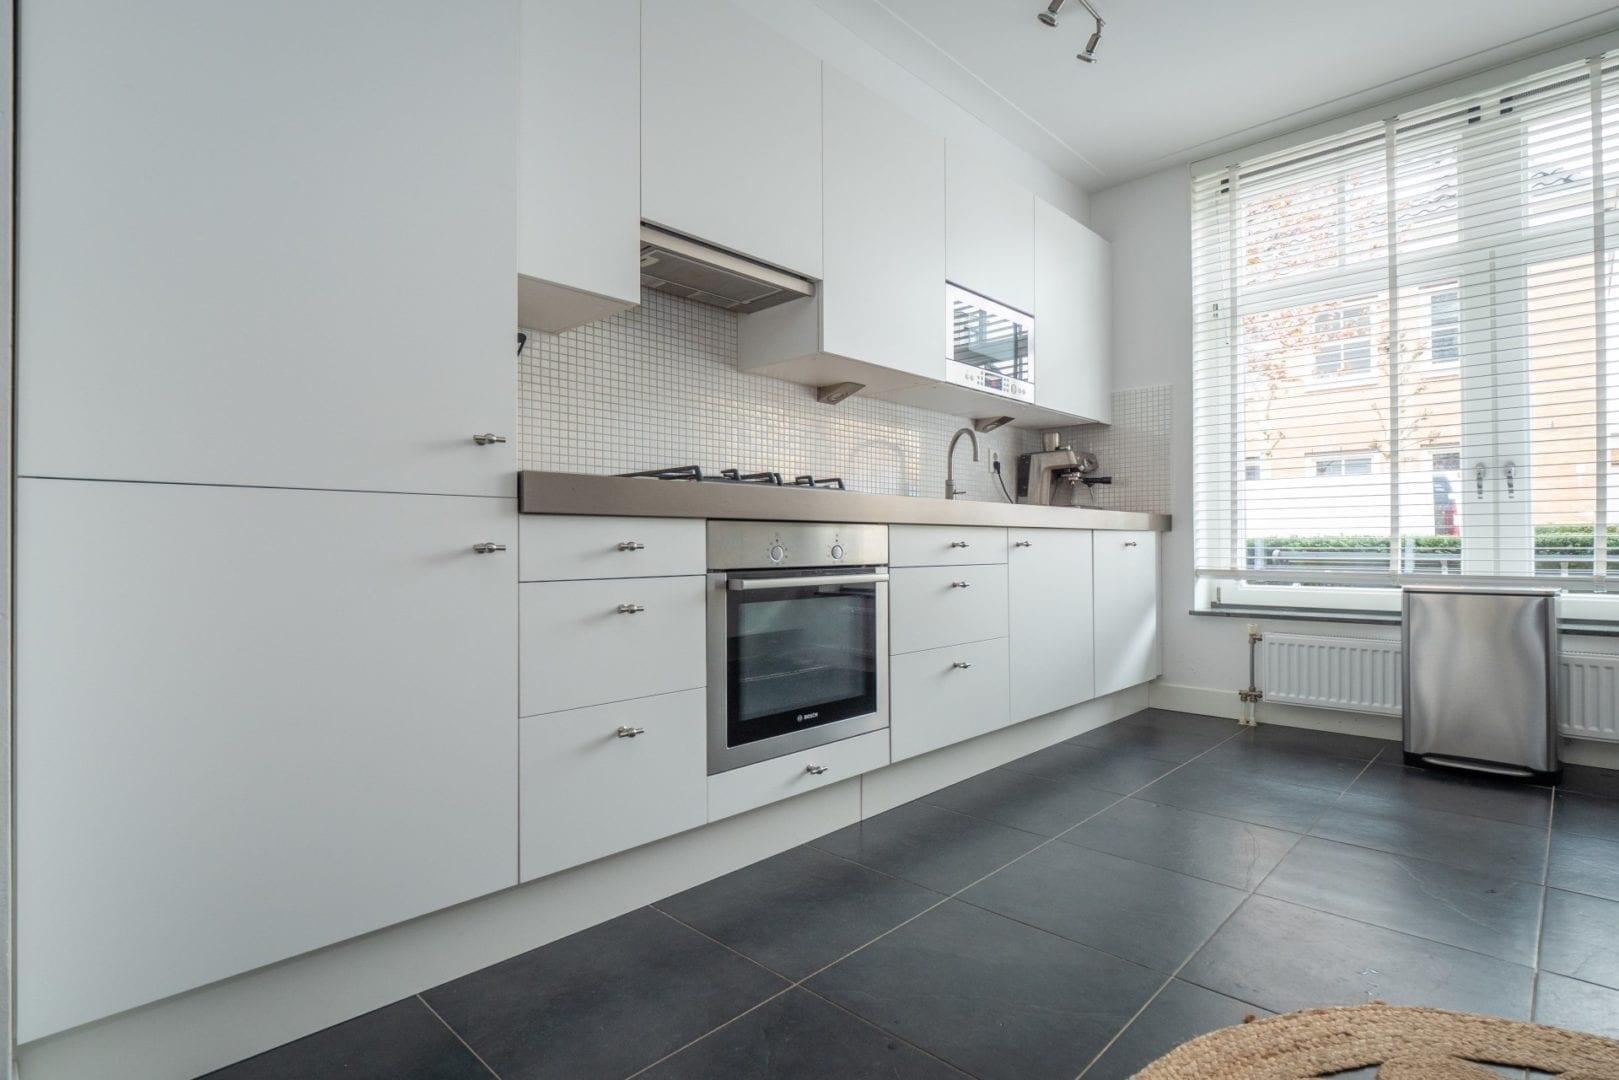 IKEA keuken deuren veranderen wit